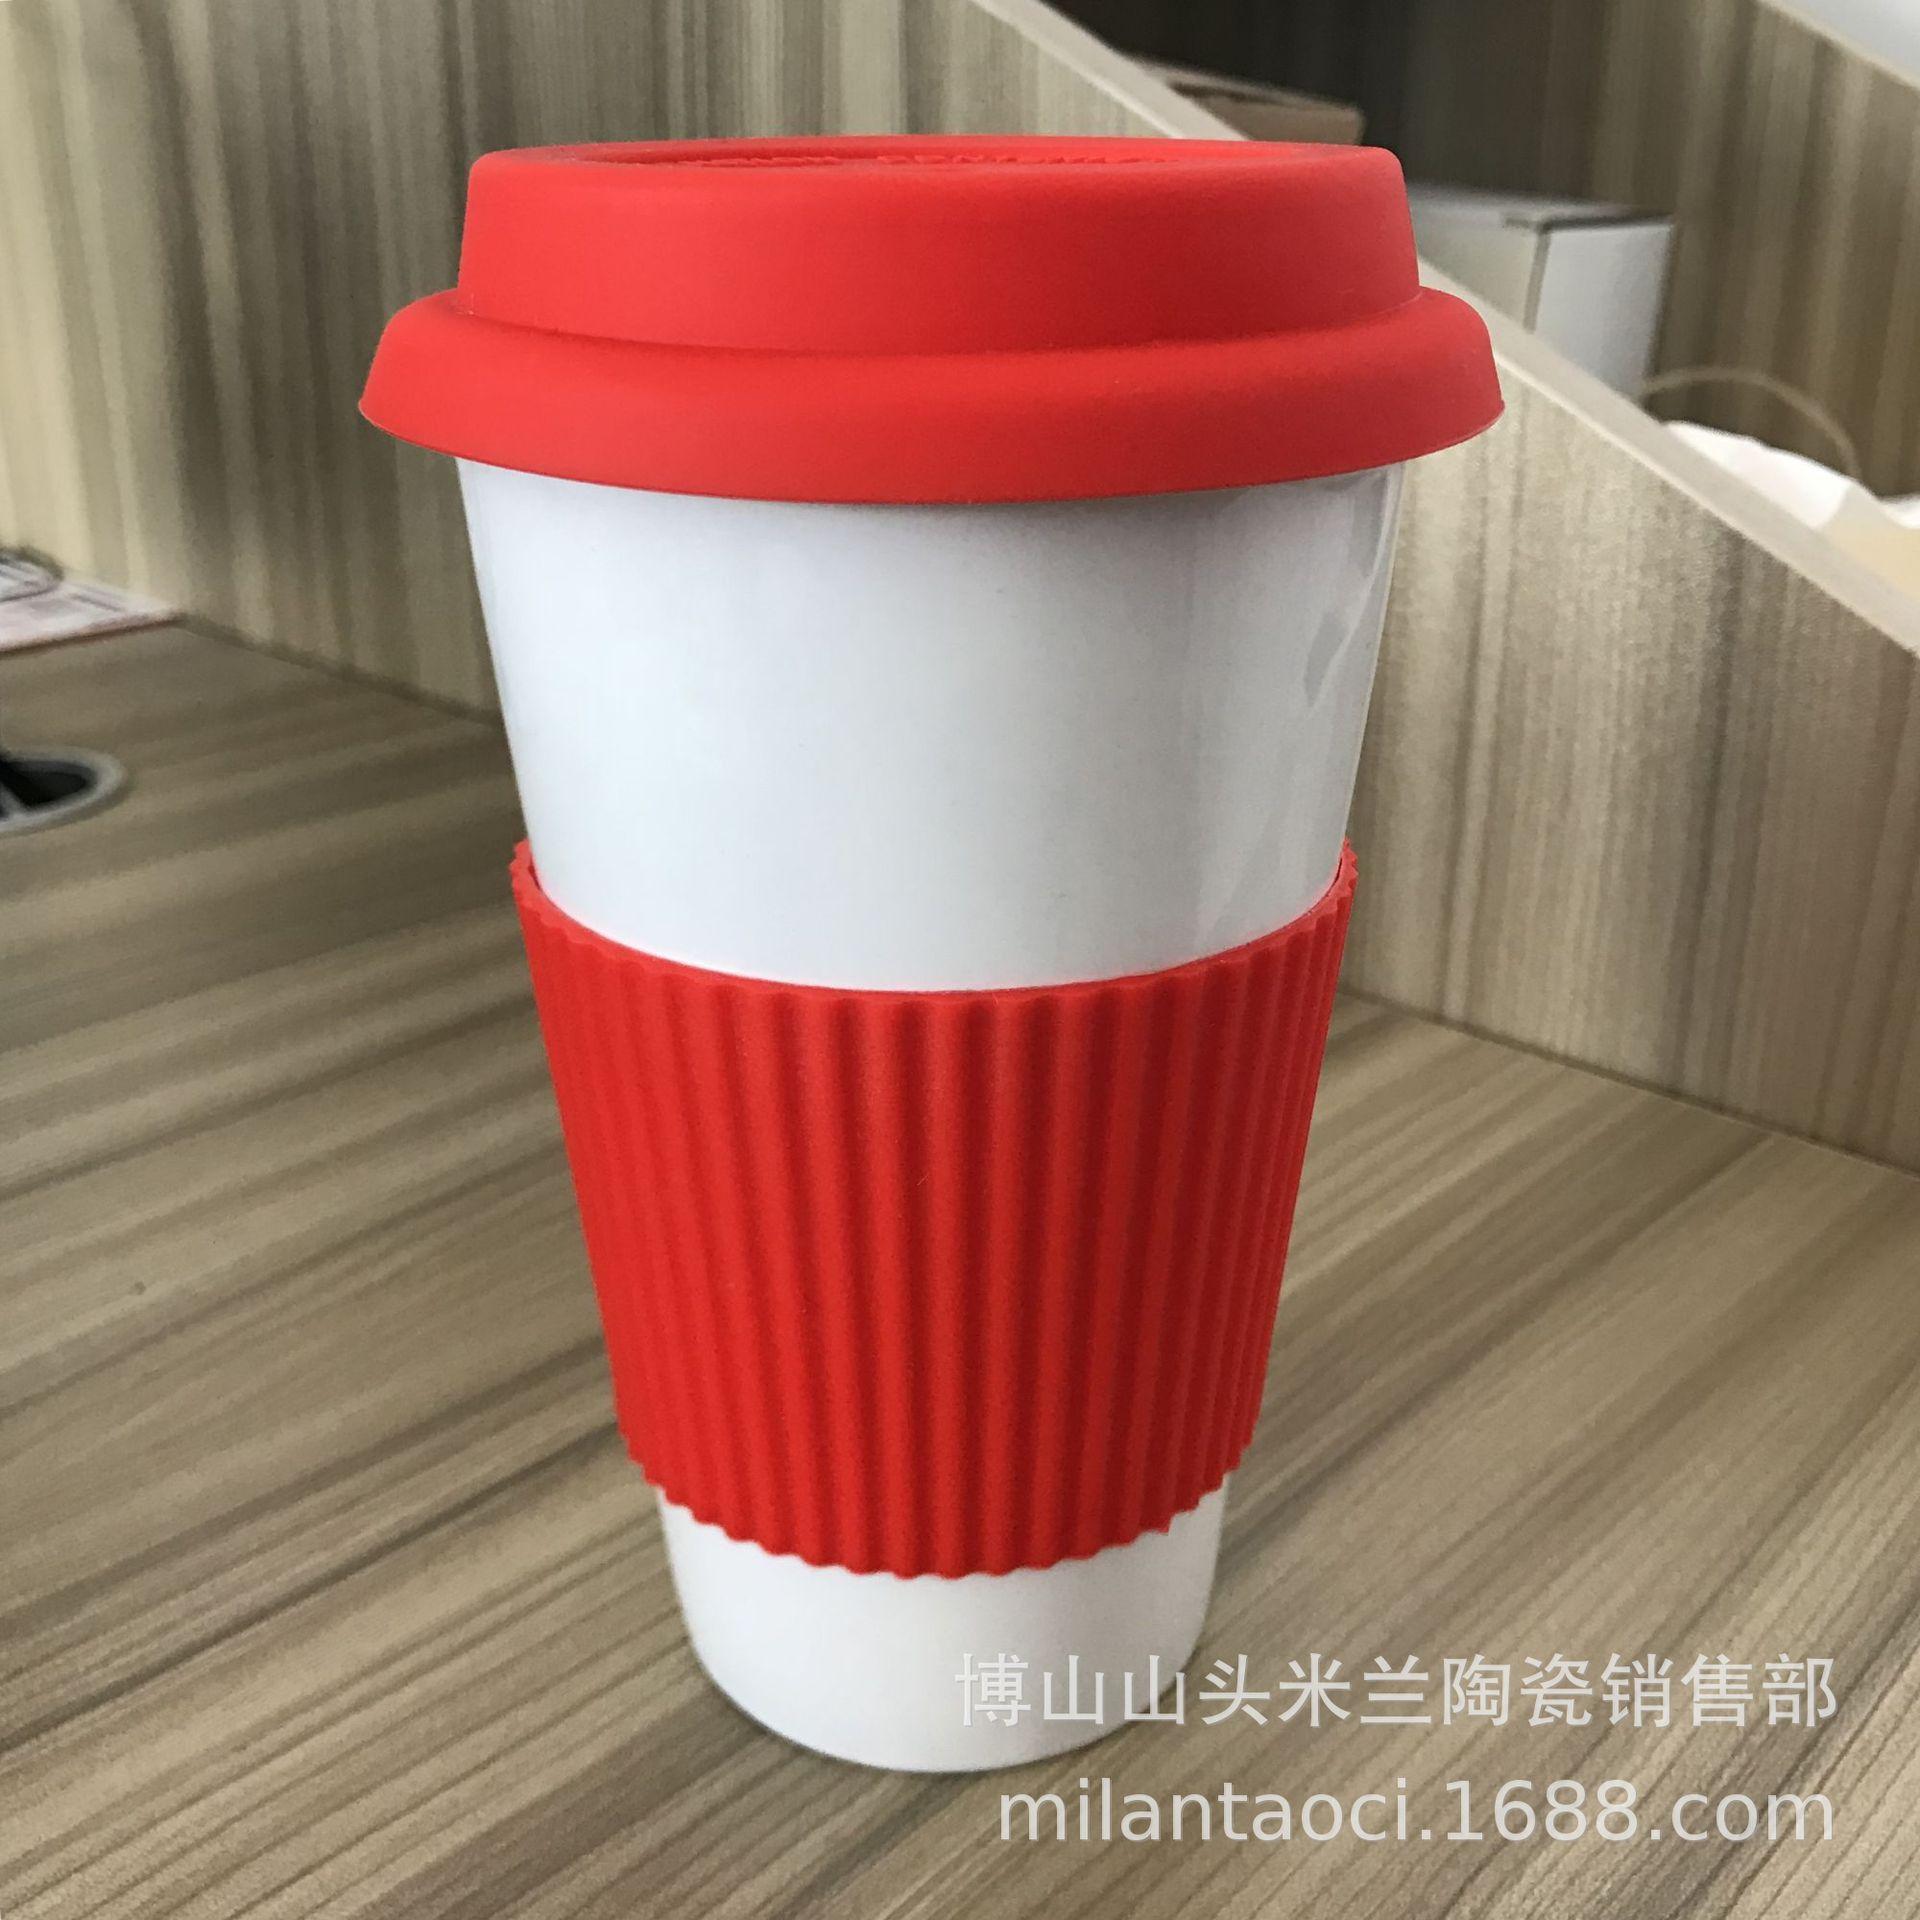 创意无把乐扣陶瓷杯带盖马克杯 硅胶杯套定制logo礼品杯厂家批发